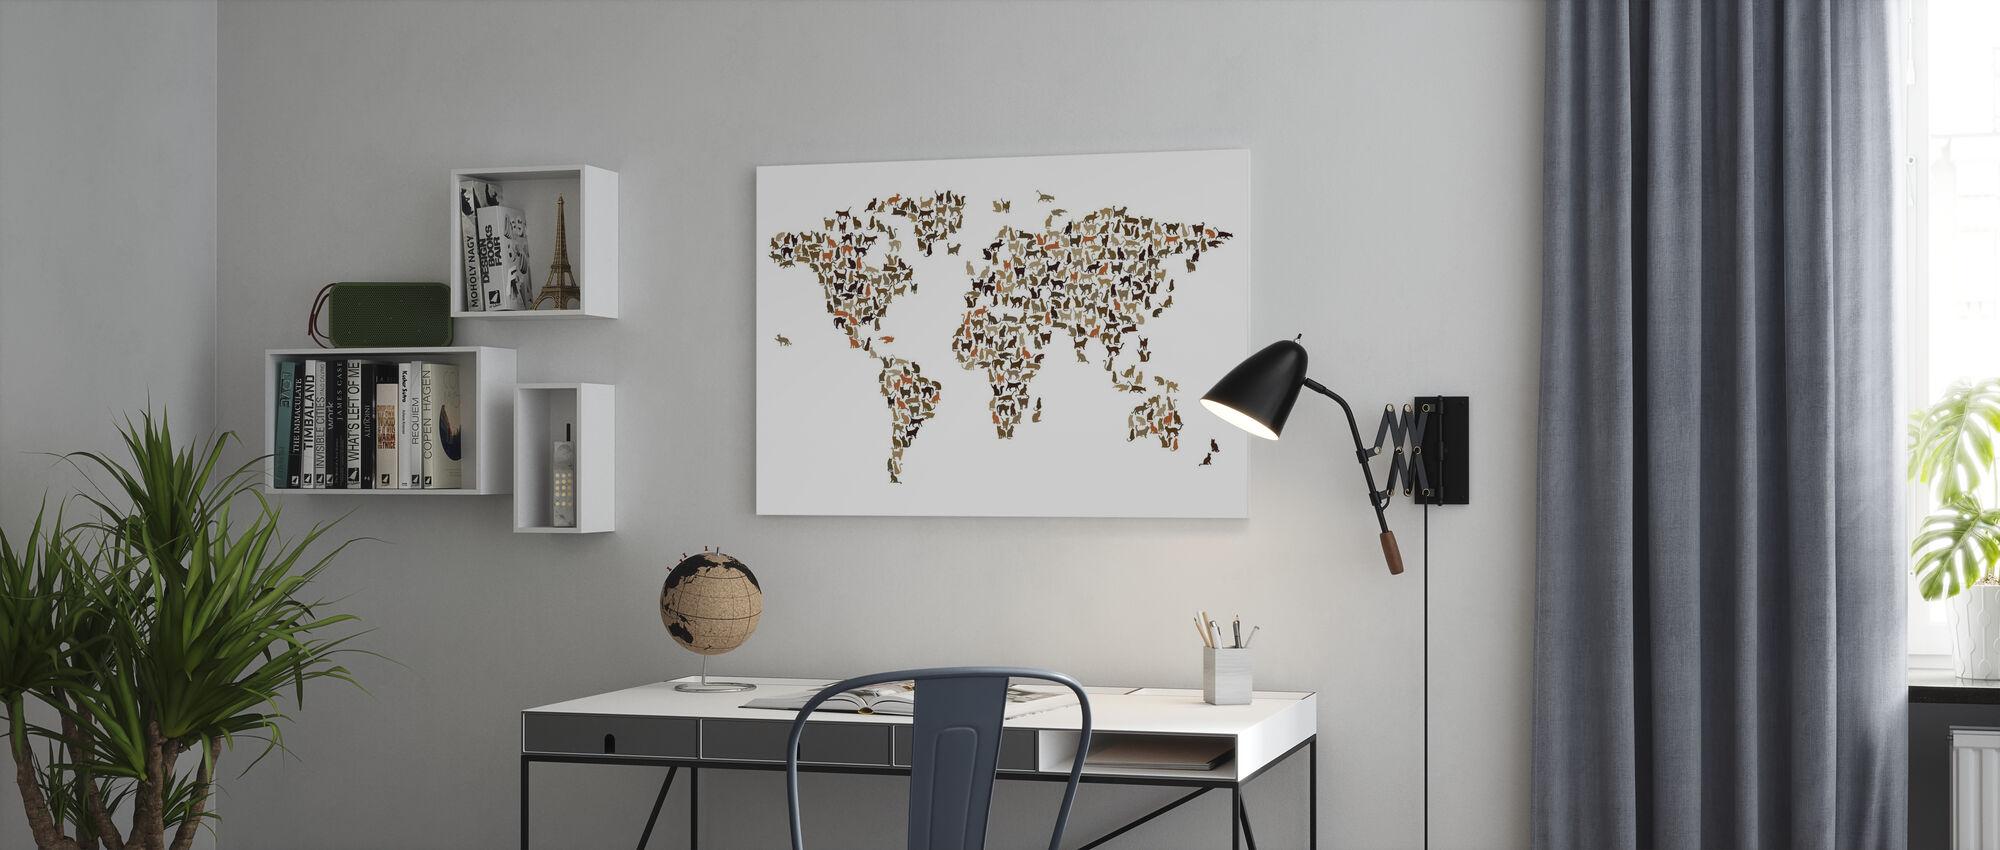 Cats Weltkarte - Leinwandbild - Büro